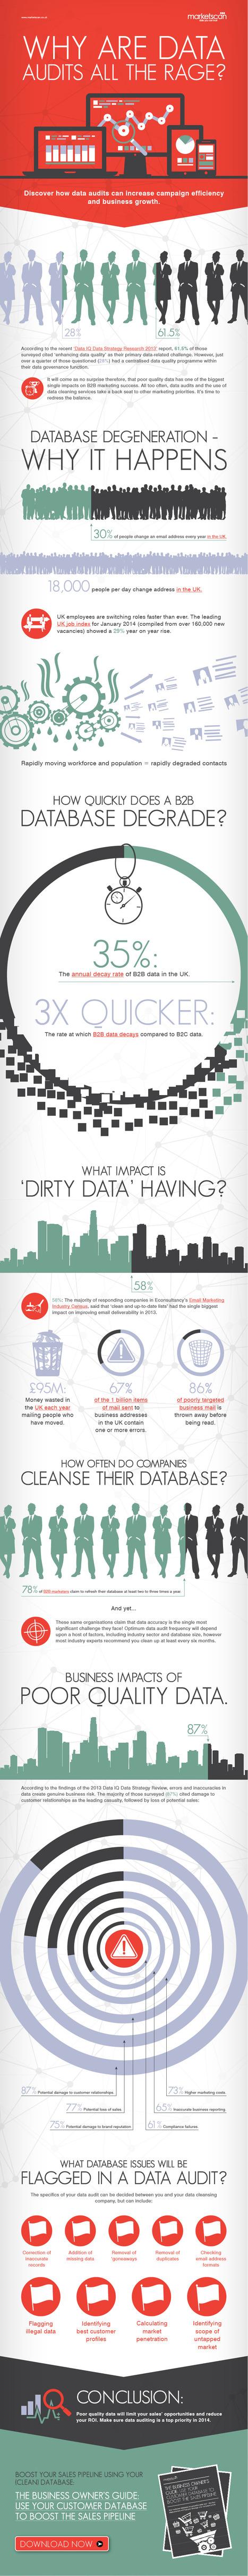 La importancia de revisar constantemente la base de datos de clientes y potenciales [Infografía] | sales | Scoop.it